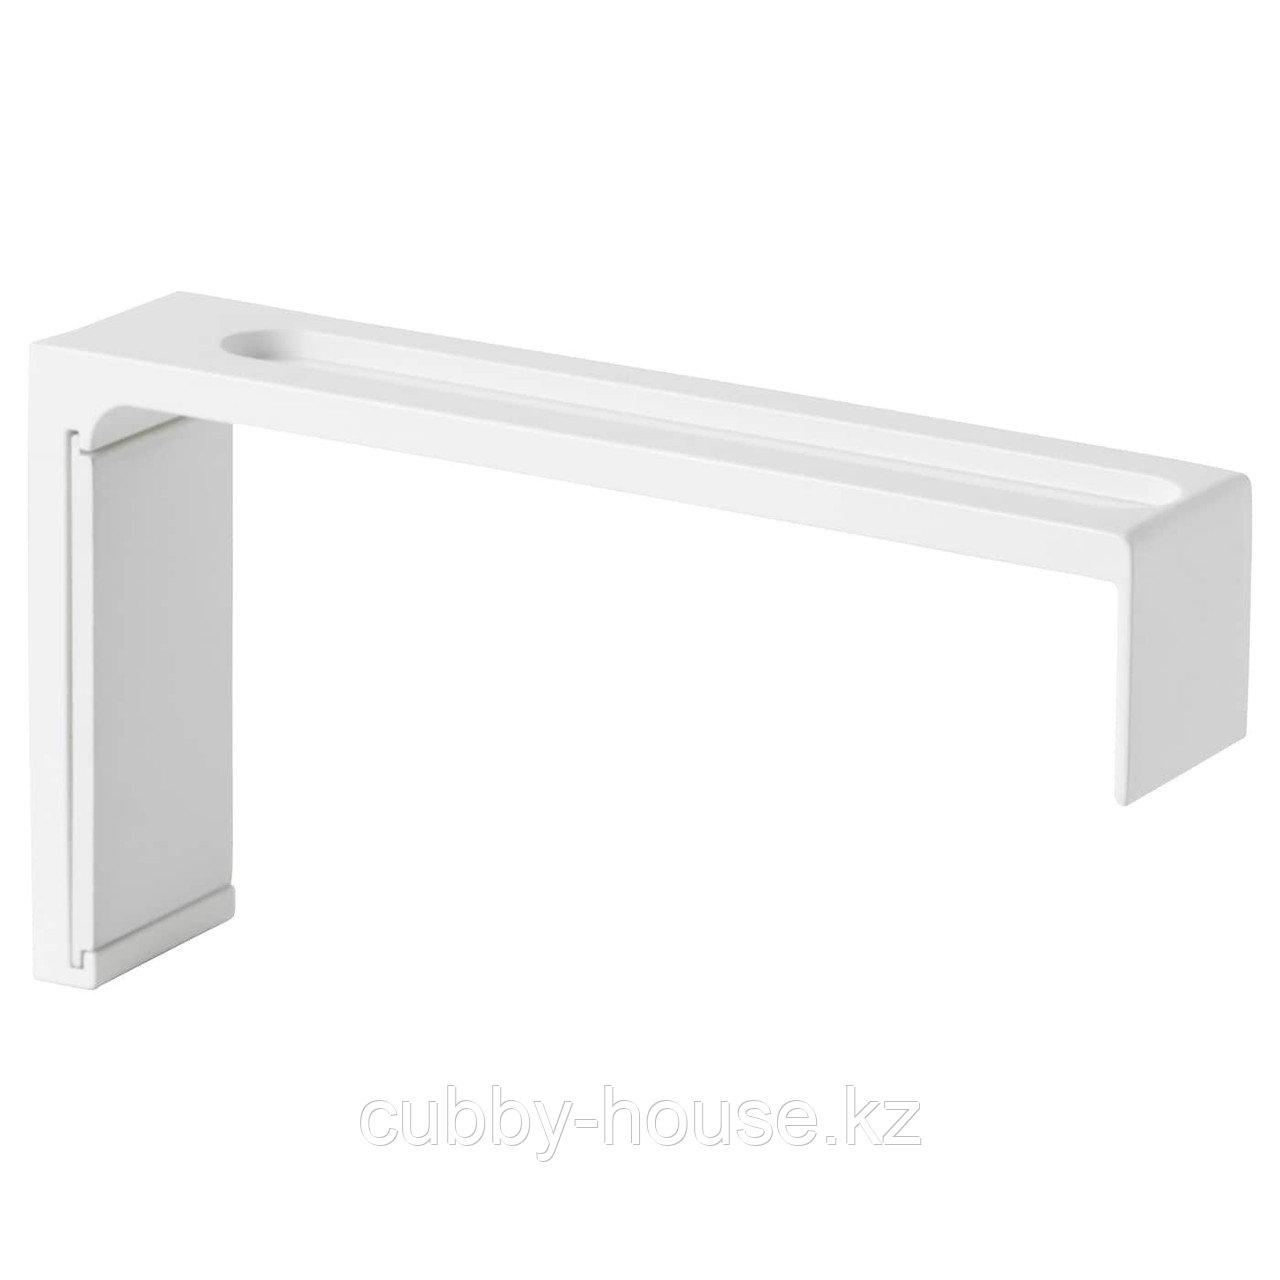 ВИДГА Стенной крепеж, белый, 12 см